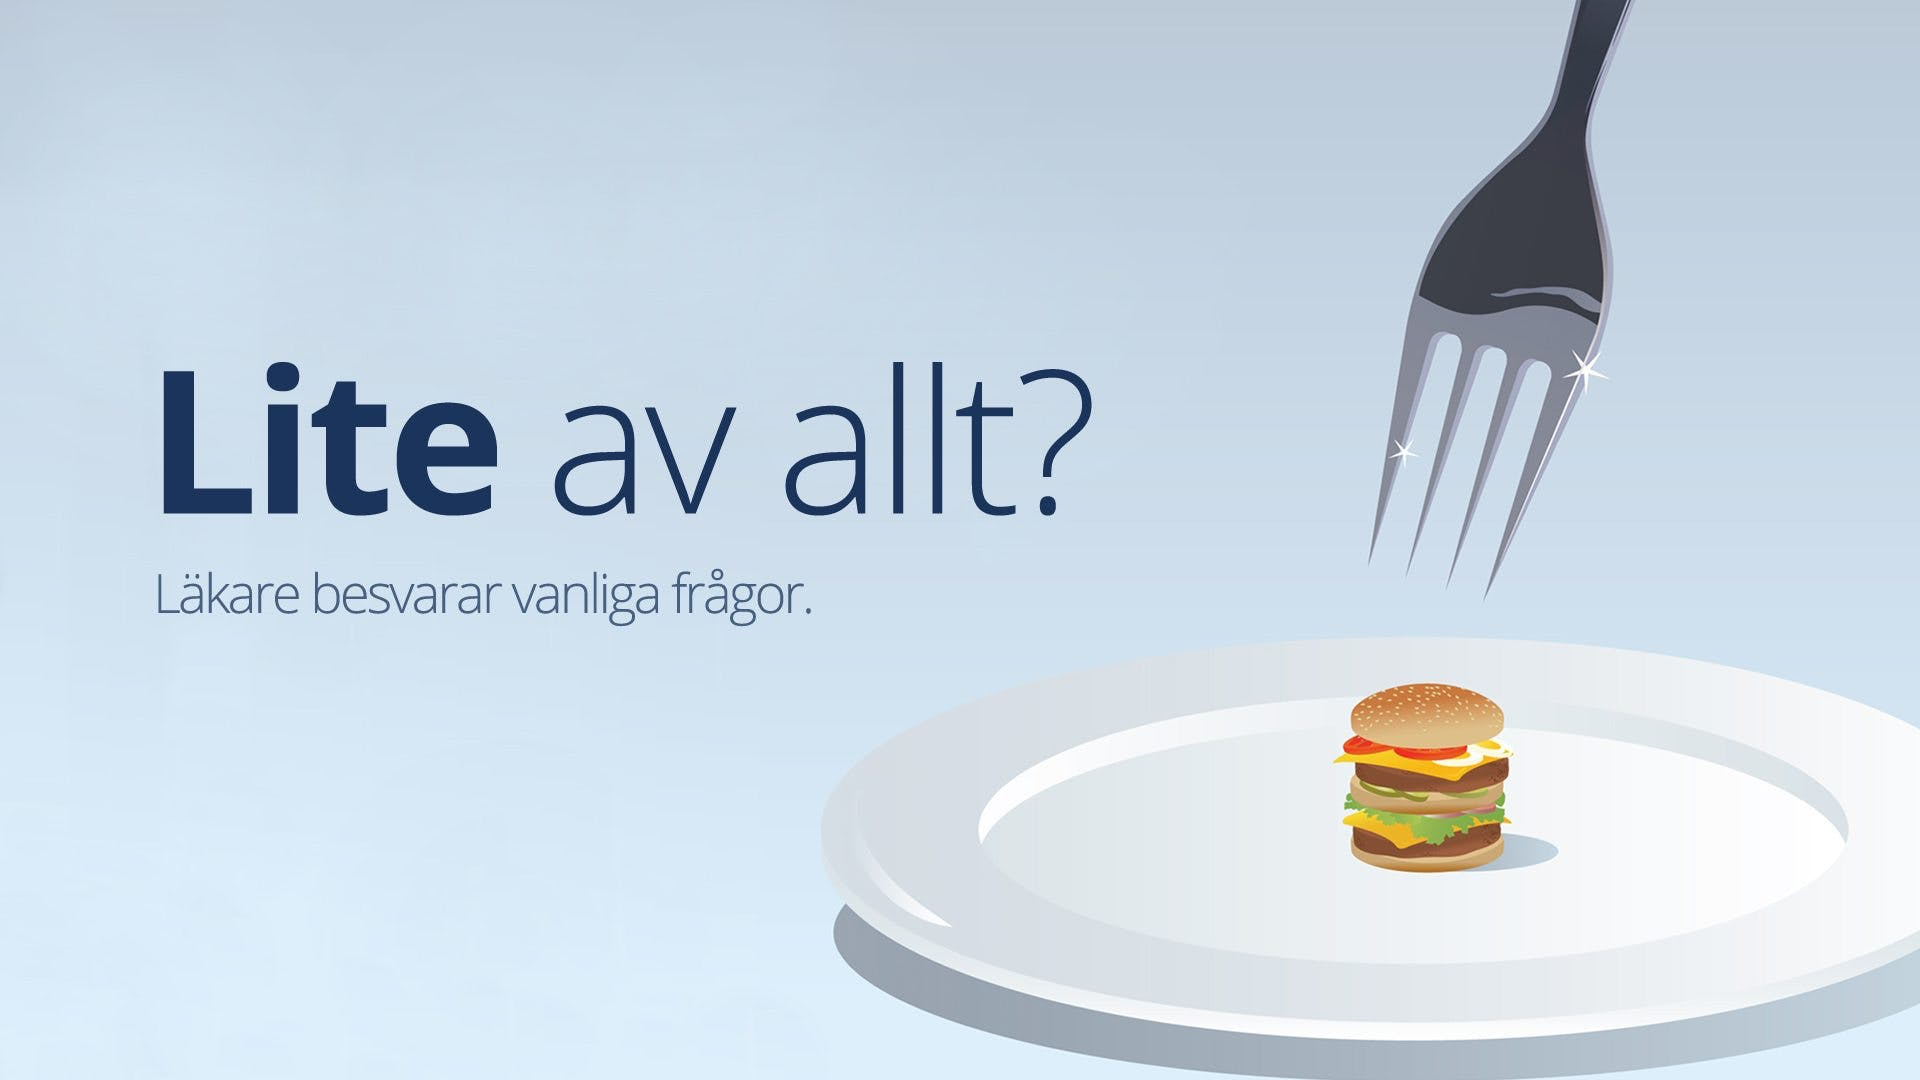 Ska man äta lite av allt?